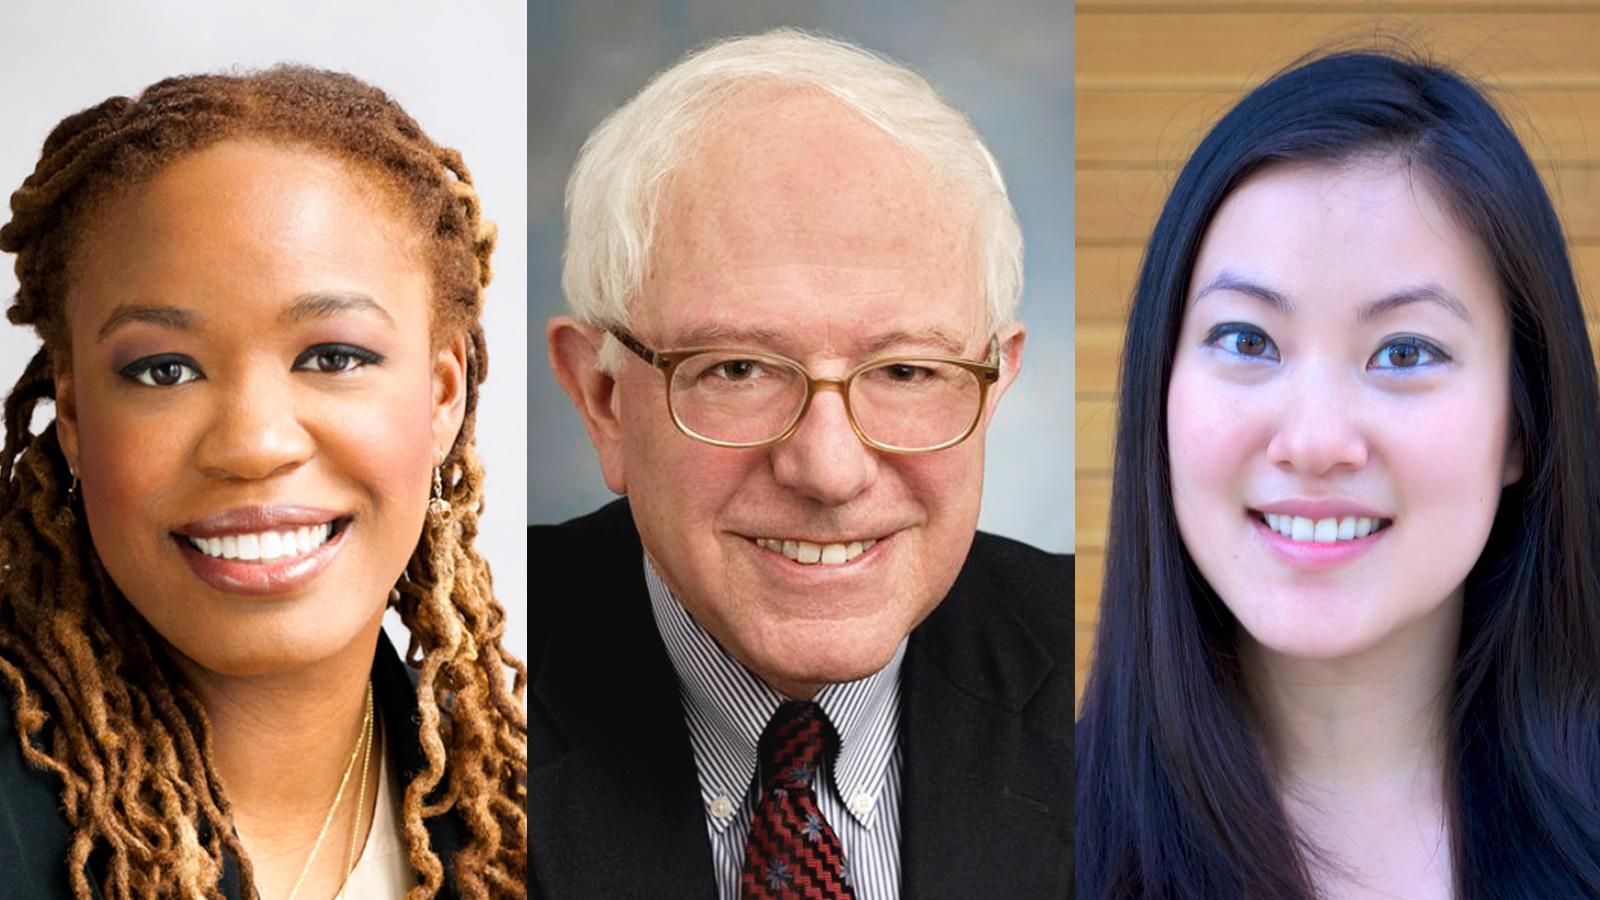 Heather McGhee, Bernie Sanders, and Angel Hsu